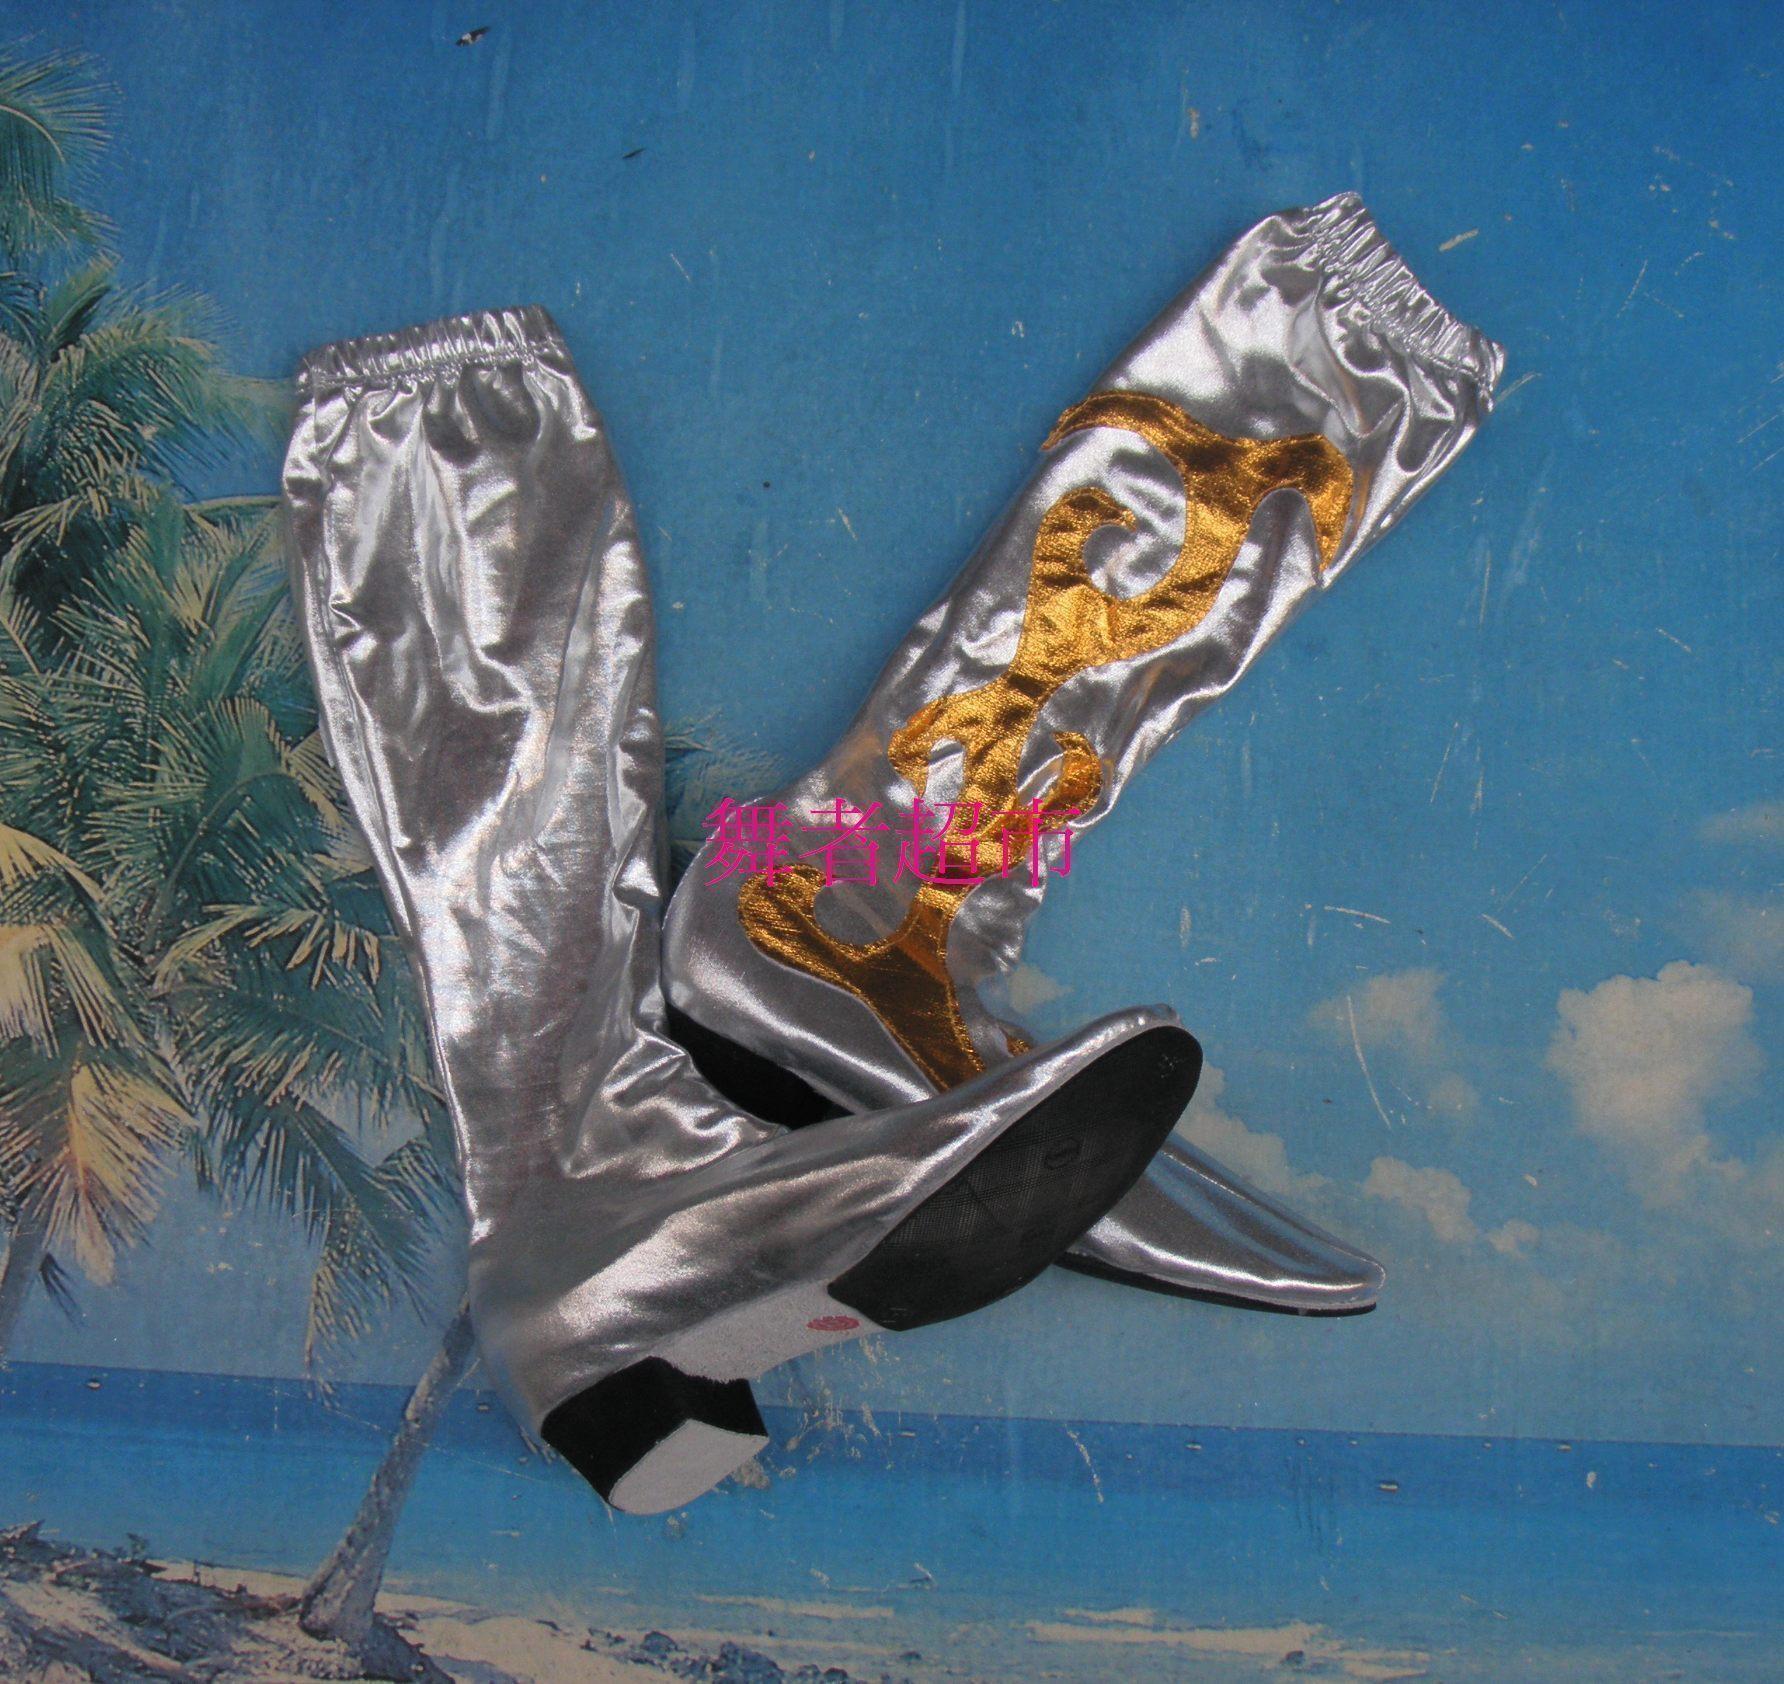 Народ танец спандекс зенитная ракета сила носок ботинок танец ботинок танец обувной практика гонг производительность обувной нехватка некоторых размеров товара